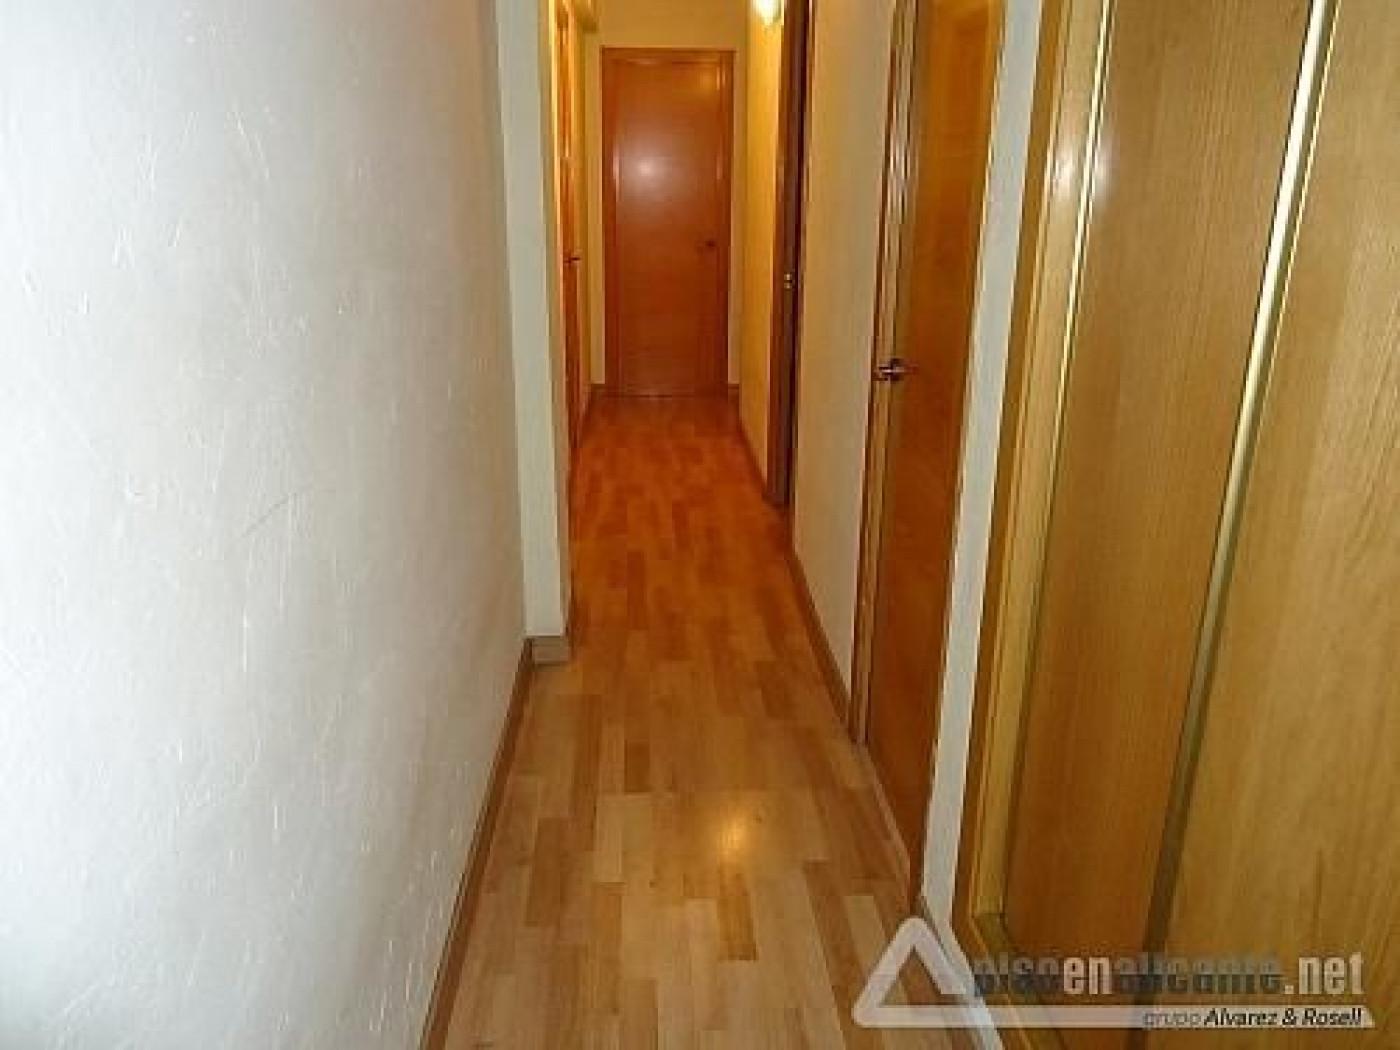 Alquiler de piso en alicante/alacant - imagenInmueble3